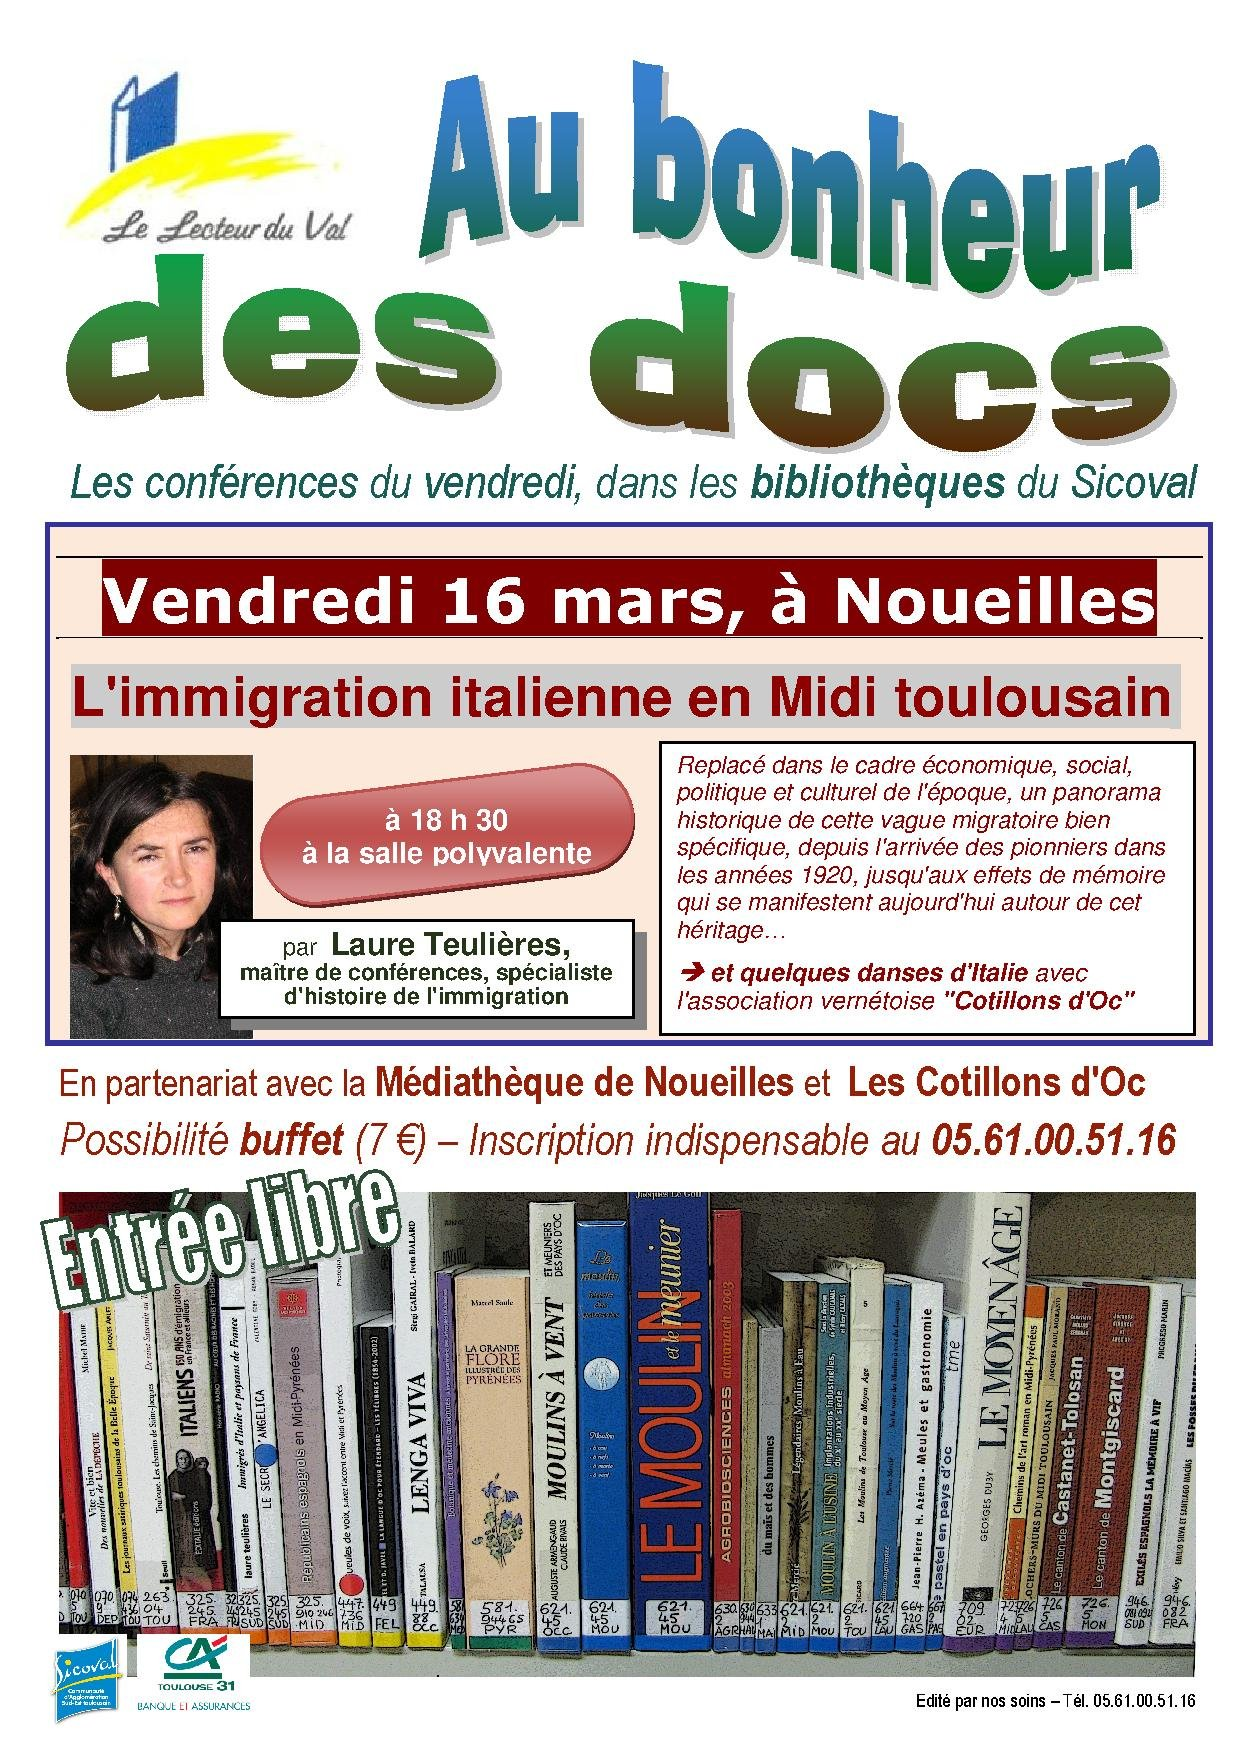 Conférence sur l'immigration italienne en Midi toulousain, le 16 mars à Noueilles